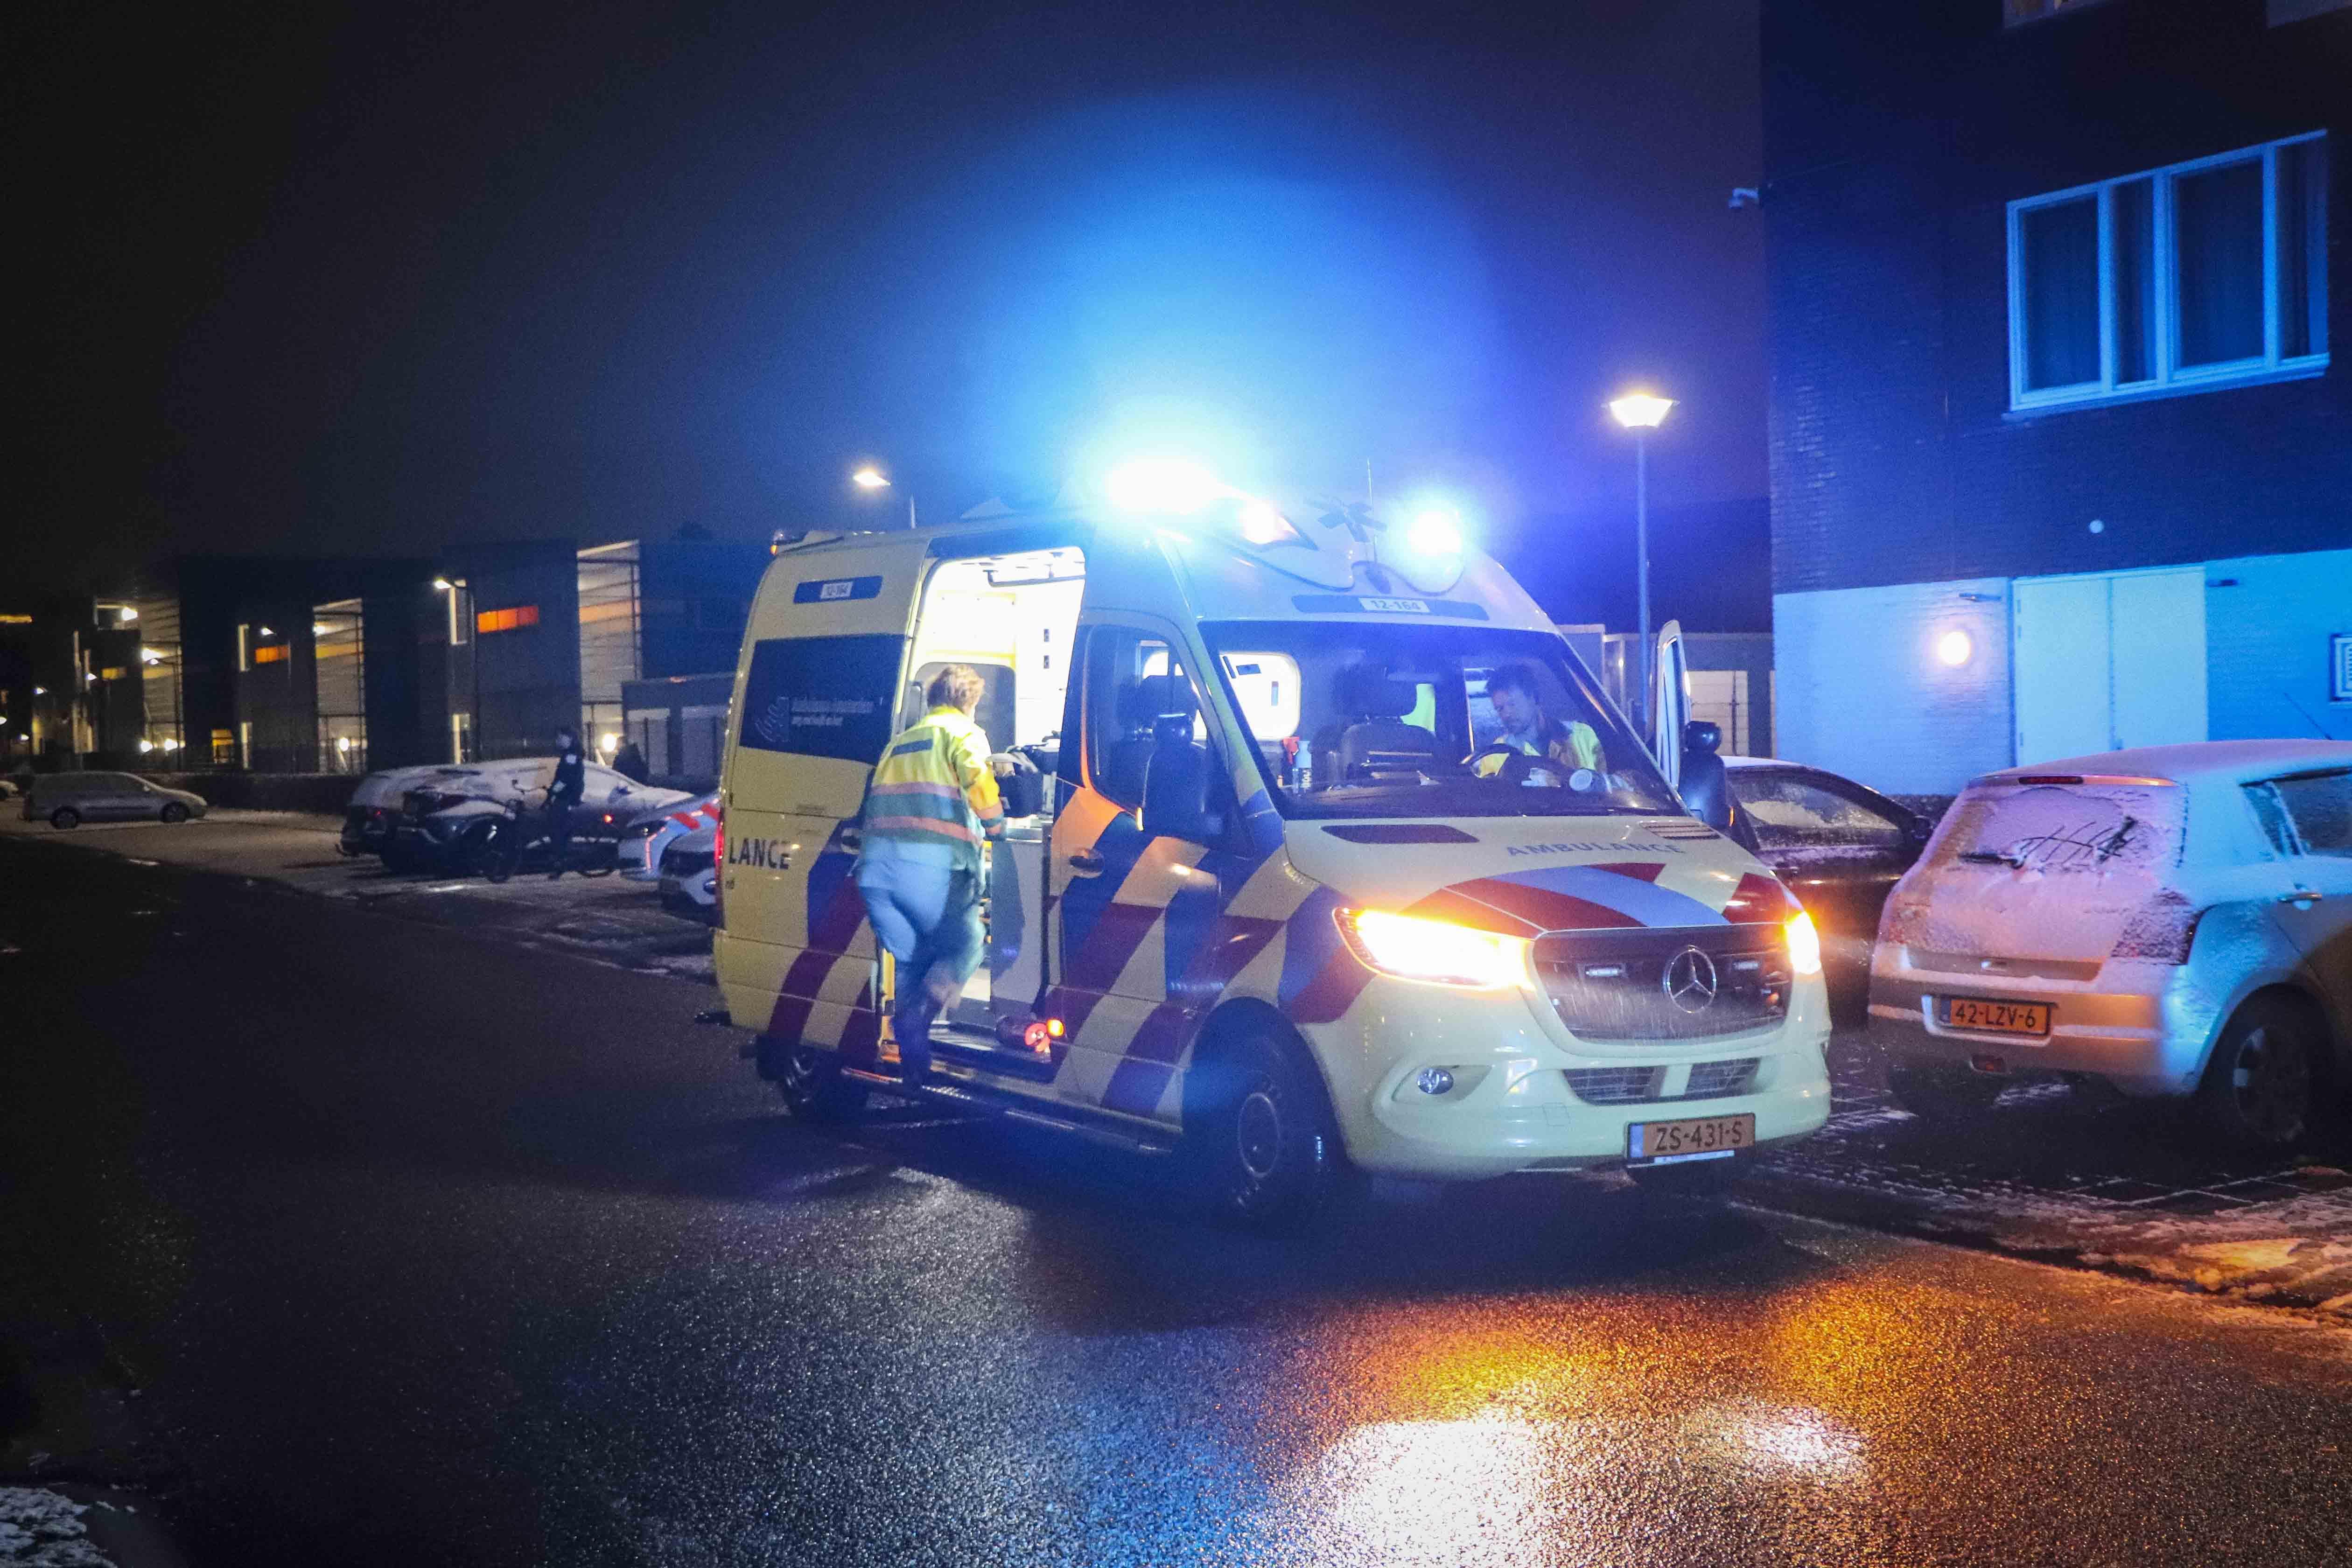 Jongen raakt ernstig gewond bij explosie in woning Hoofddorp